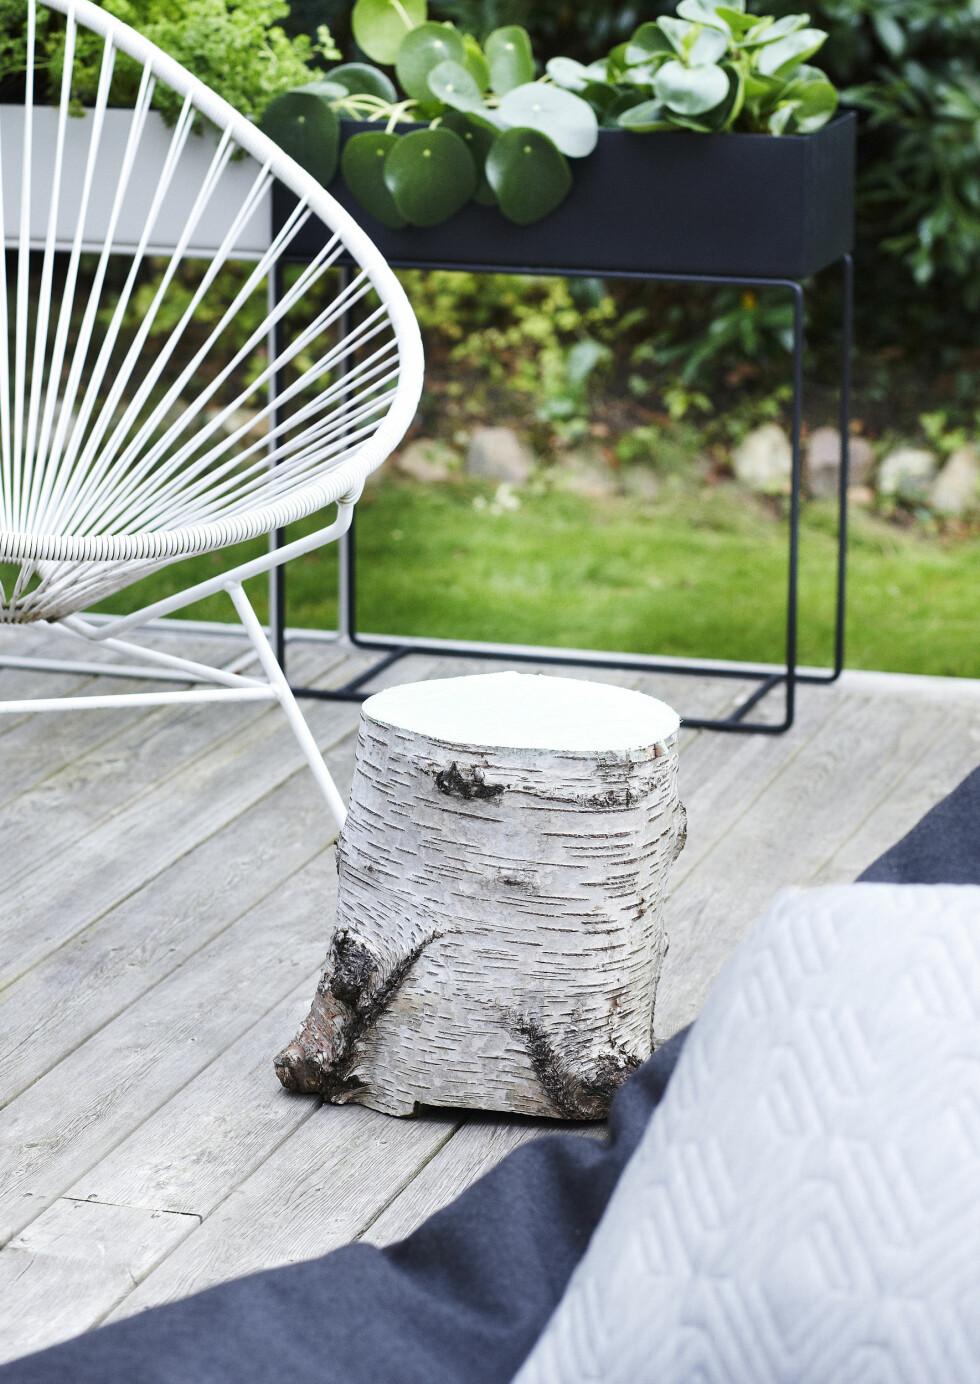 EKTE NATUR: En trestubbe er et herlig møbel på terrassen! Og ikke minst er den jo enkel å «lage», hvis du finner materialet i skogen selv. Du kan beholde den som den er, eller male overflaten etter at den er tørket. Da har du en fotskammel, et bord eller en krakk til en ekstra gjest (dem blir det jo mange av igjennom sommeren).  Foto: Mette Wotkjær